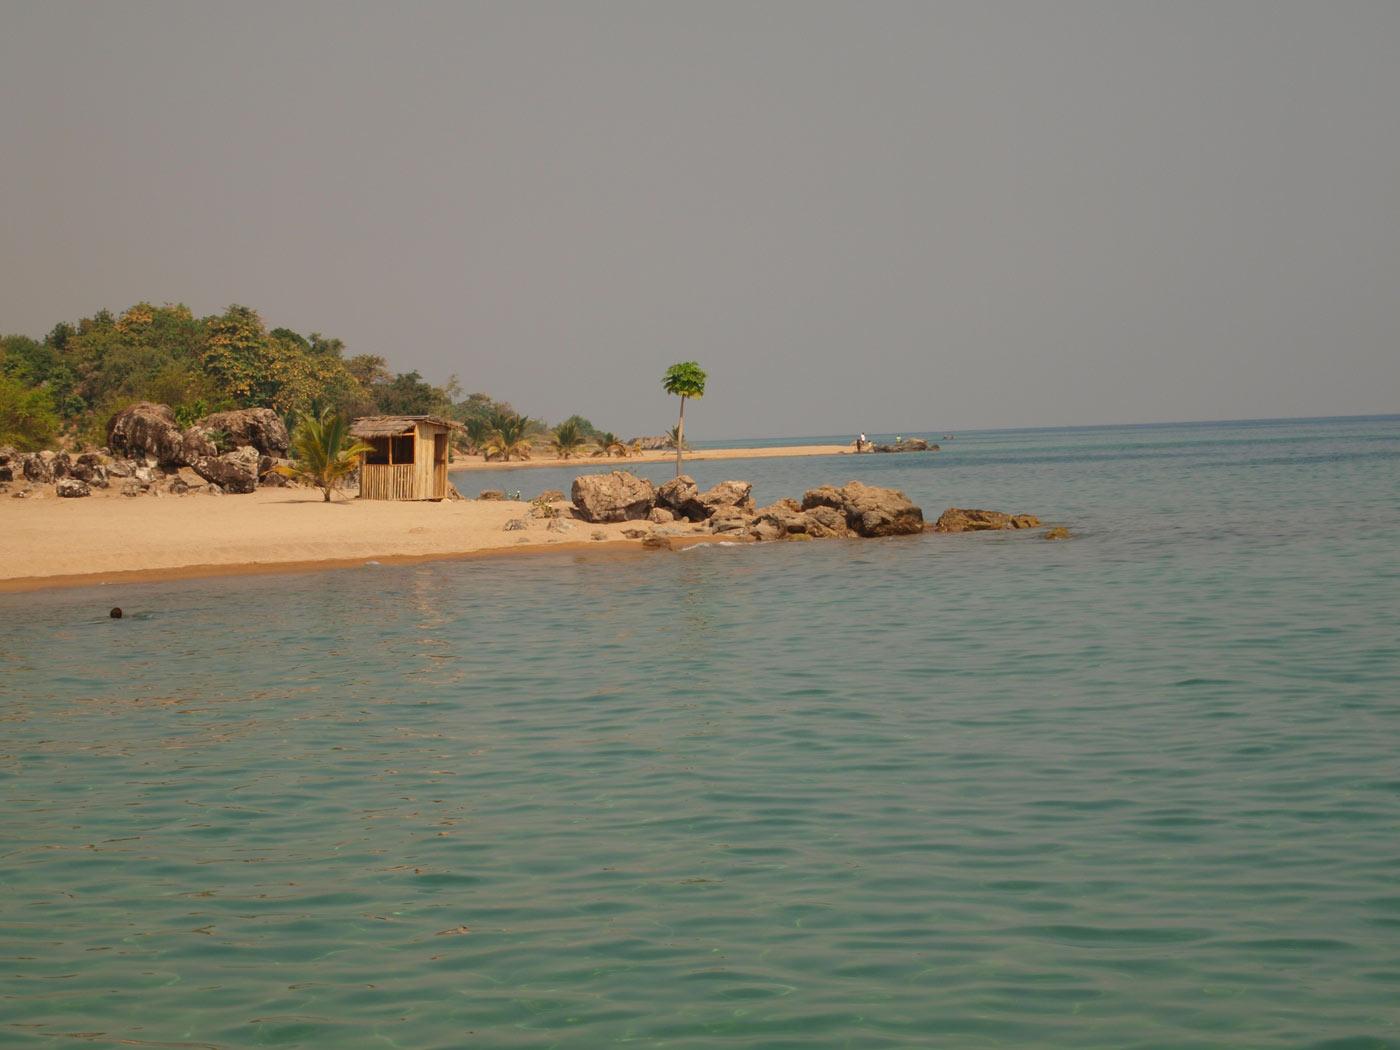 Tanganjikasee Burundi